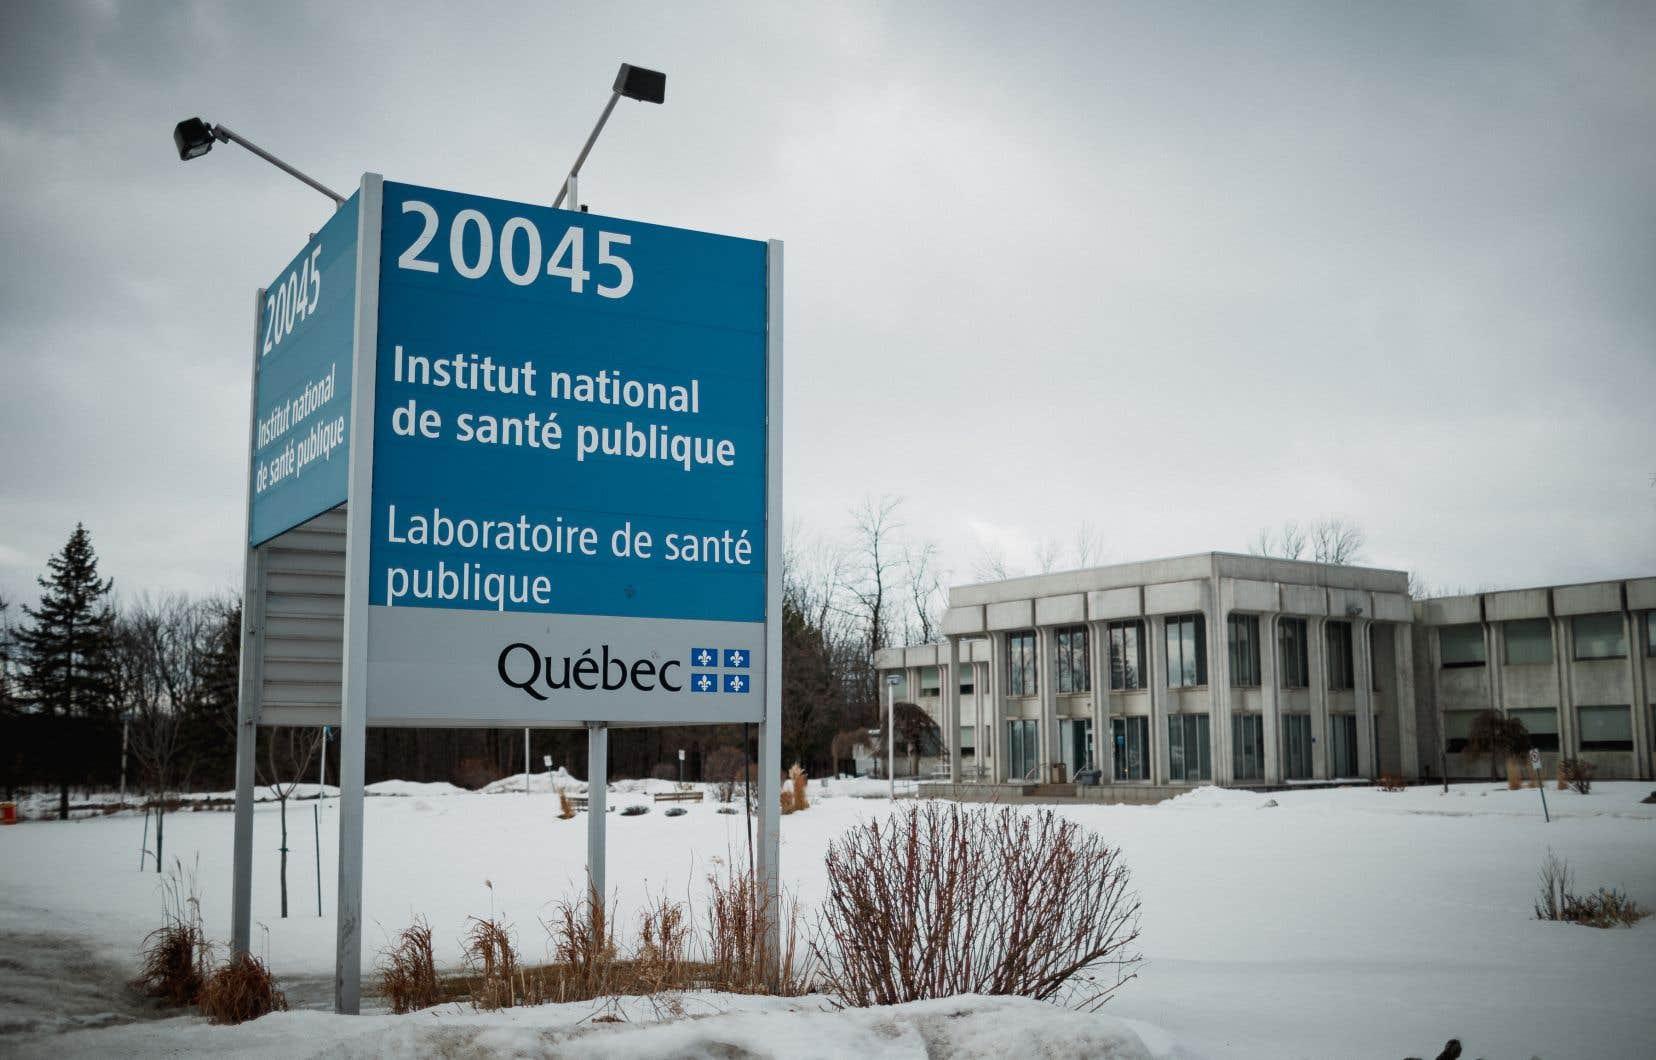 Jusqu'à présent, un seul cas s'est avéré positif. Mais plus de 200 analyses ont été effectuées au Laboratoire de santé publique du Québec.